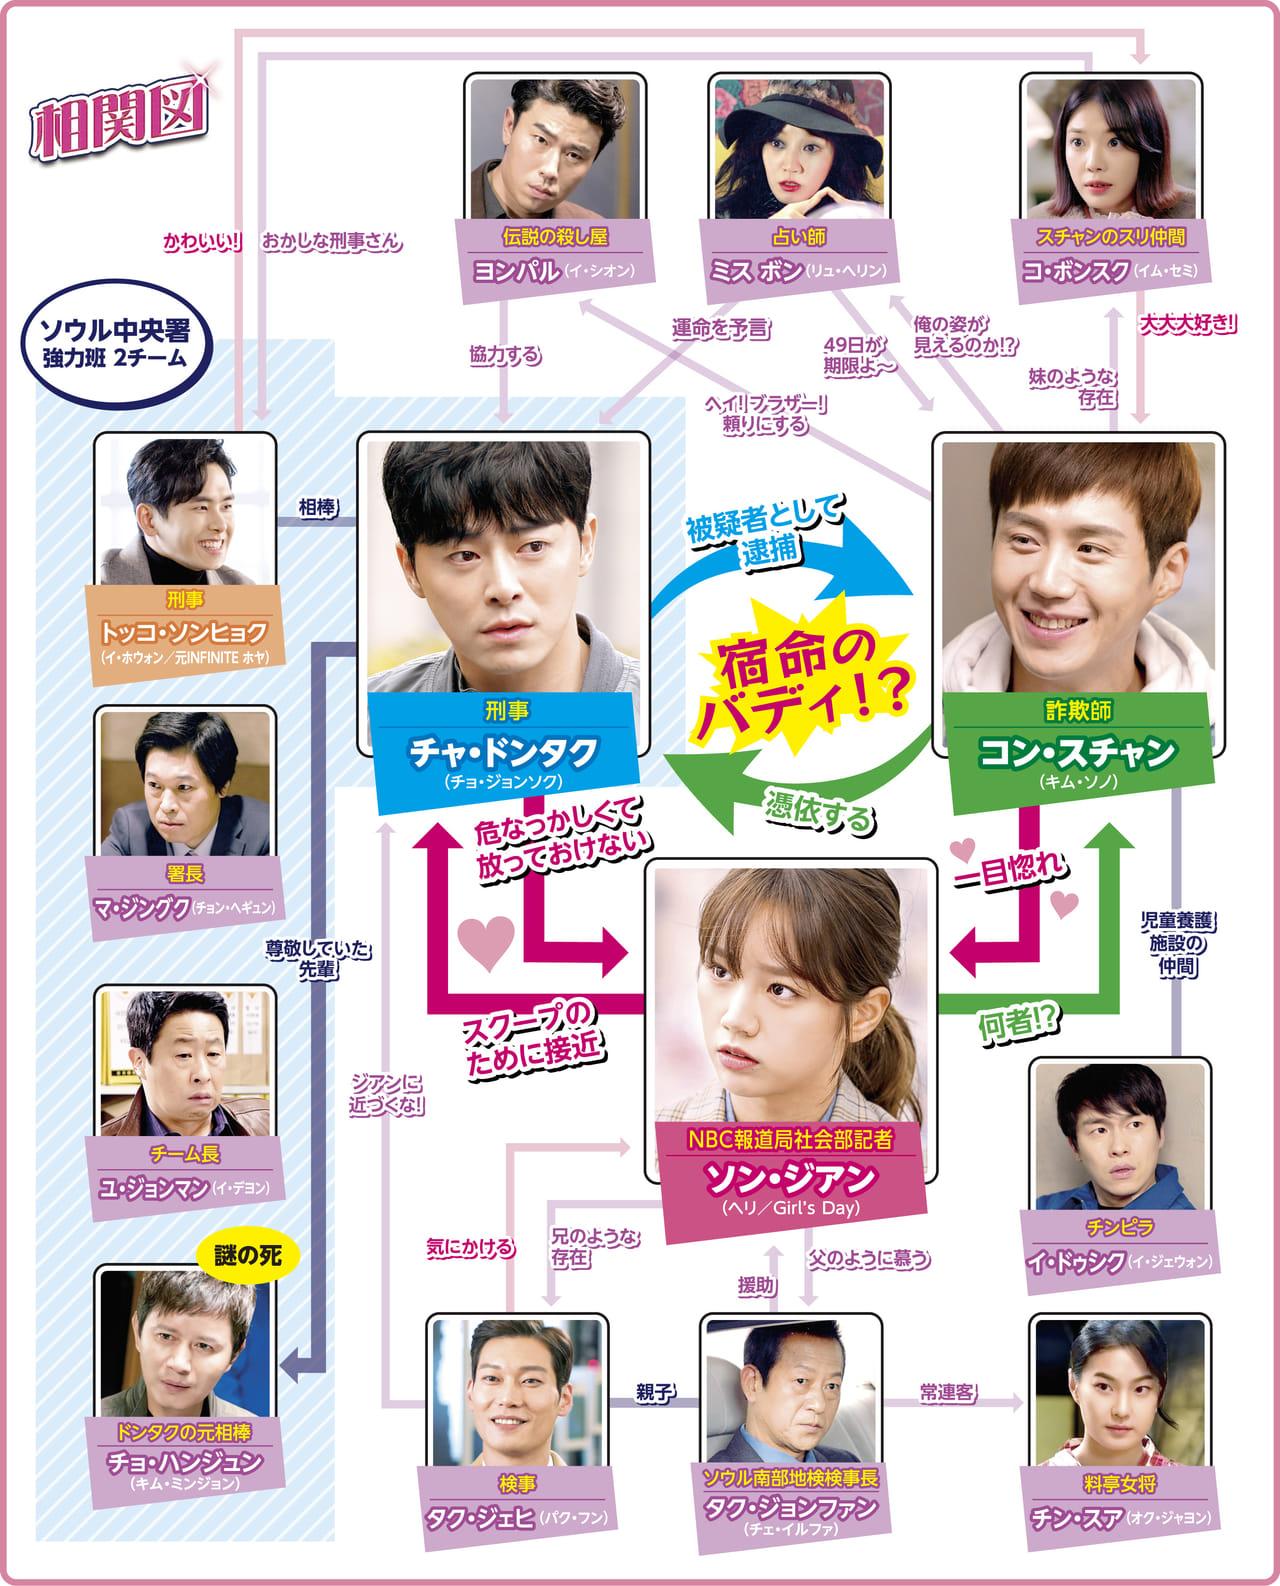 韓国ドラマ「トゥー・カップス~ただいま恋が憑依中!?~」相関図